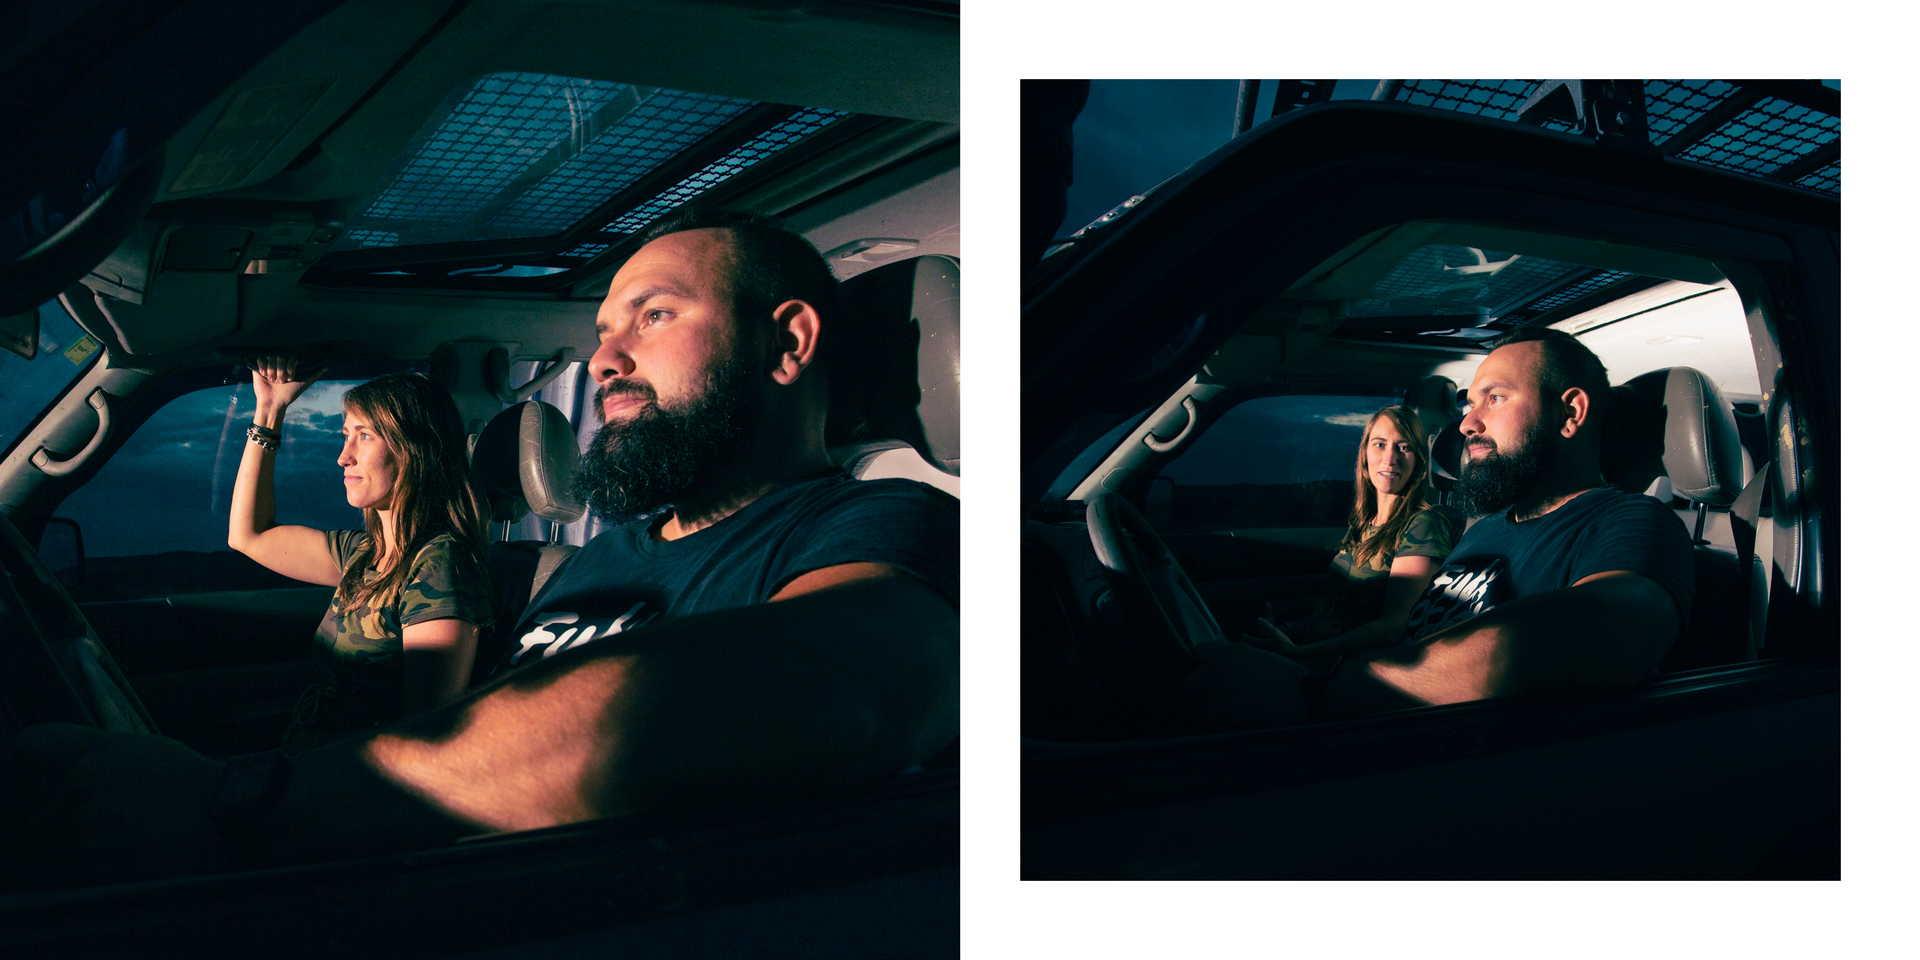 Dvojice ve autě v noci.